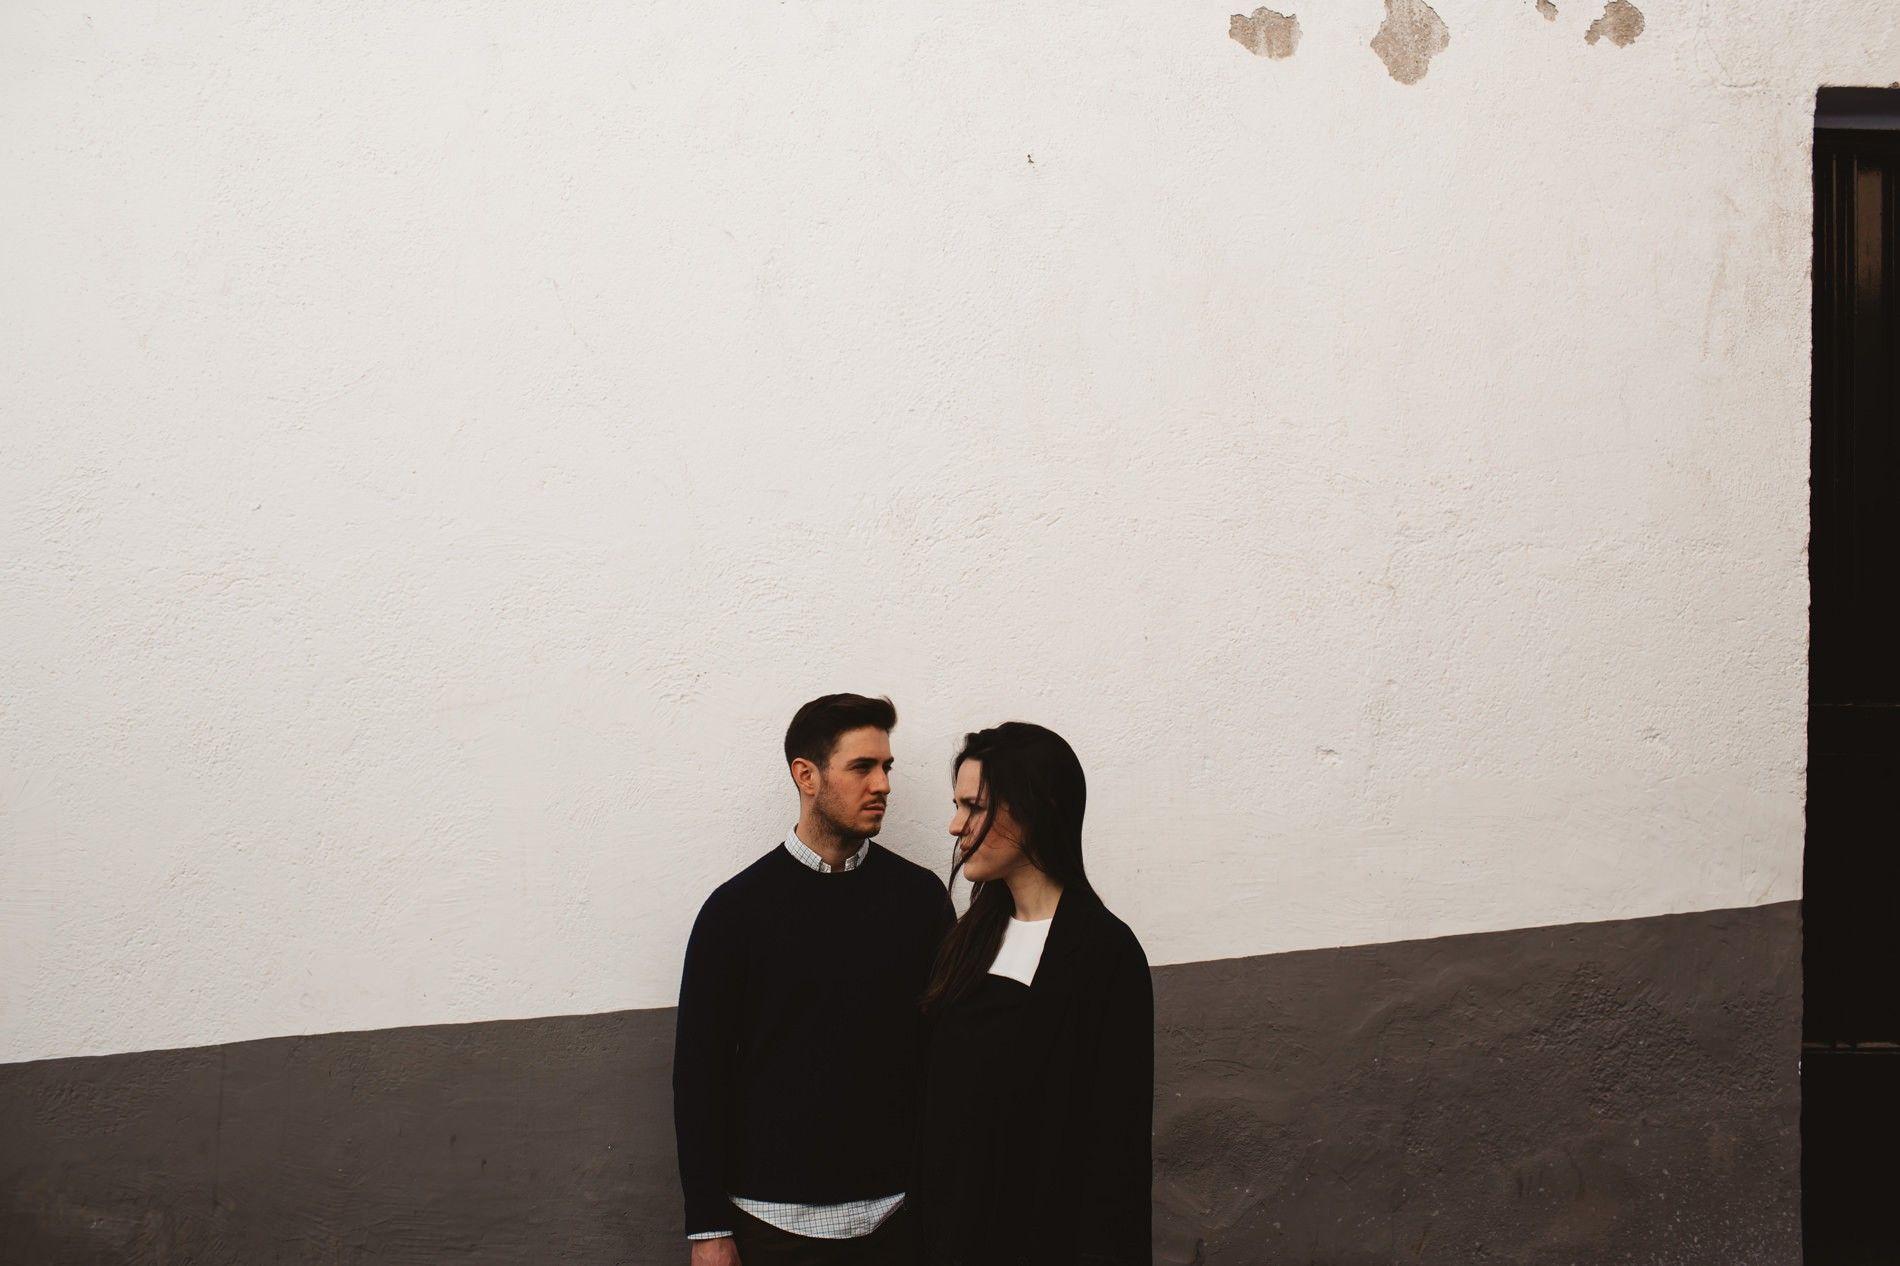 fotografo de boda granada 007